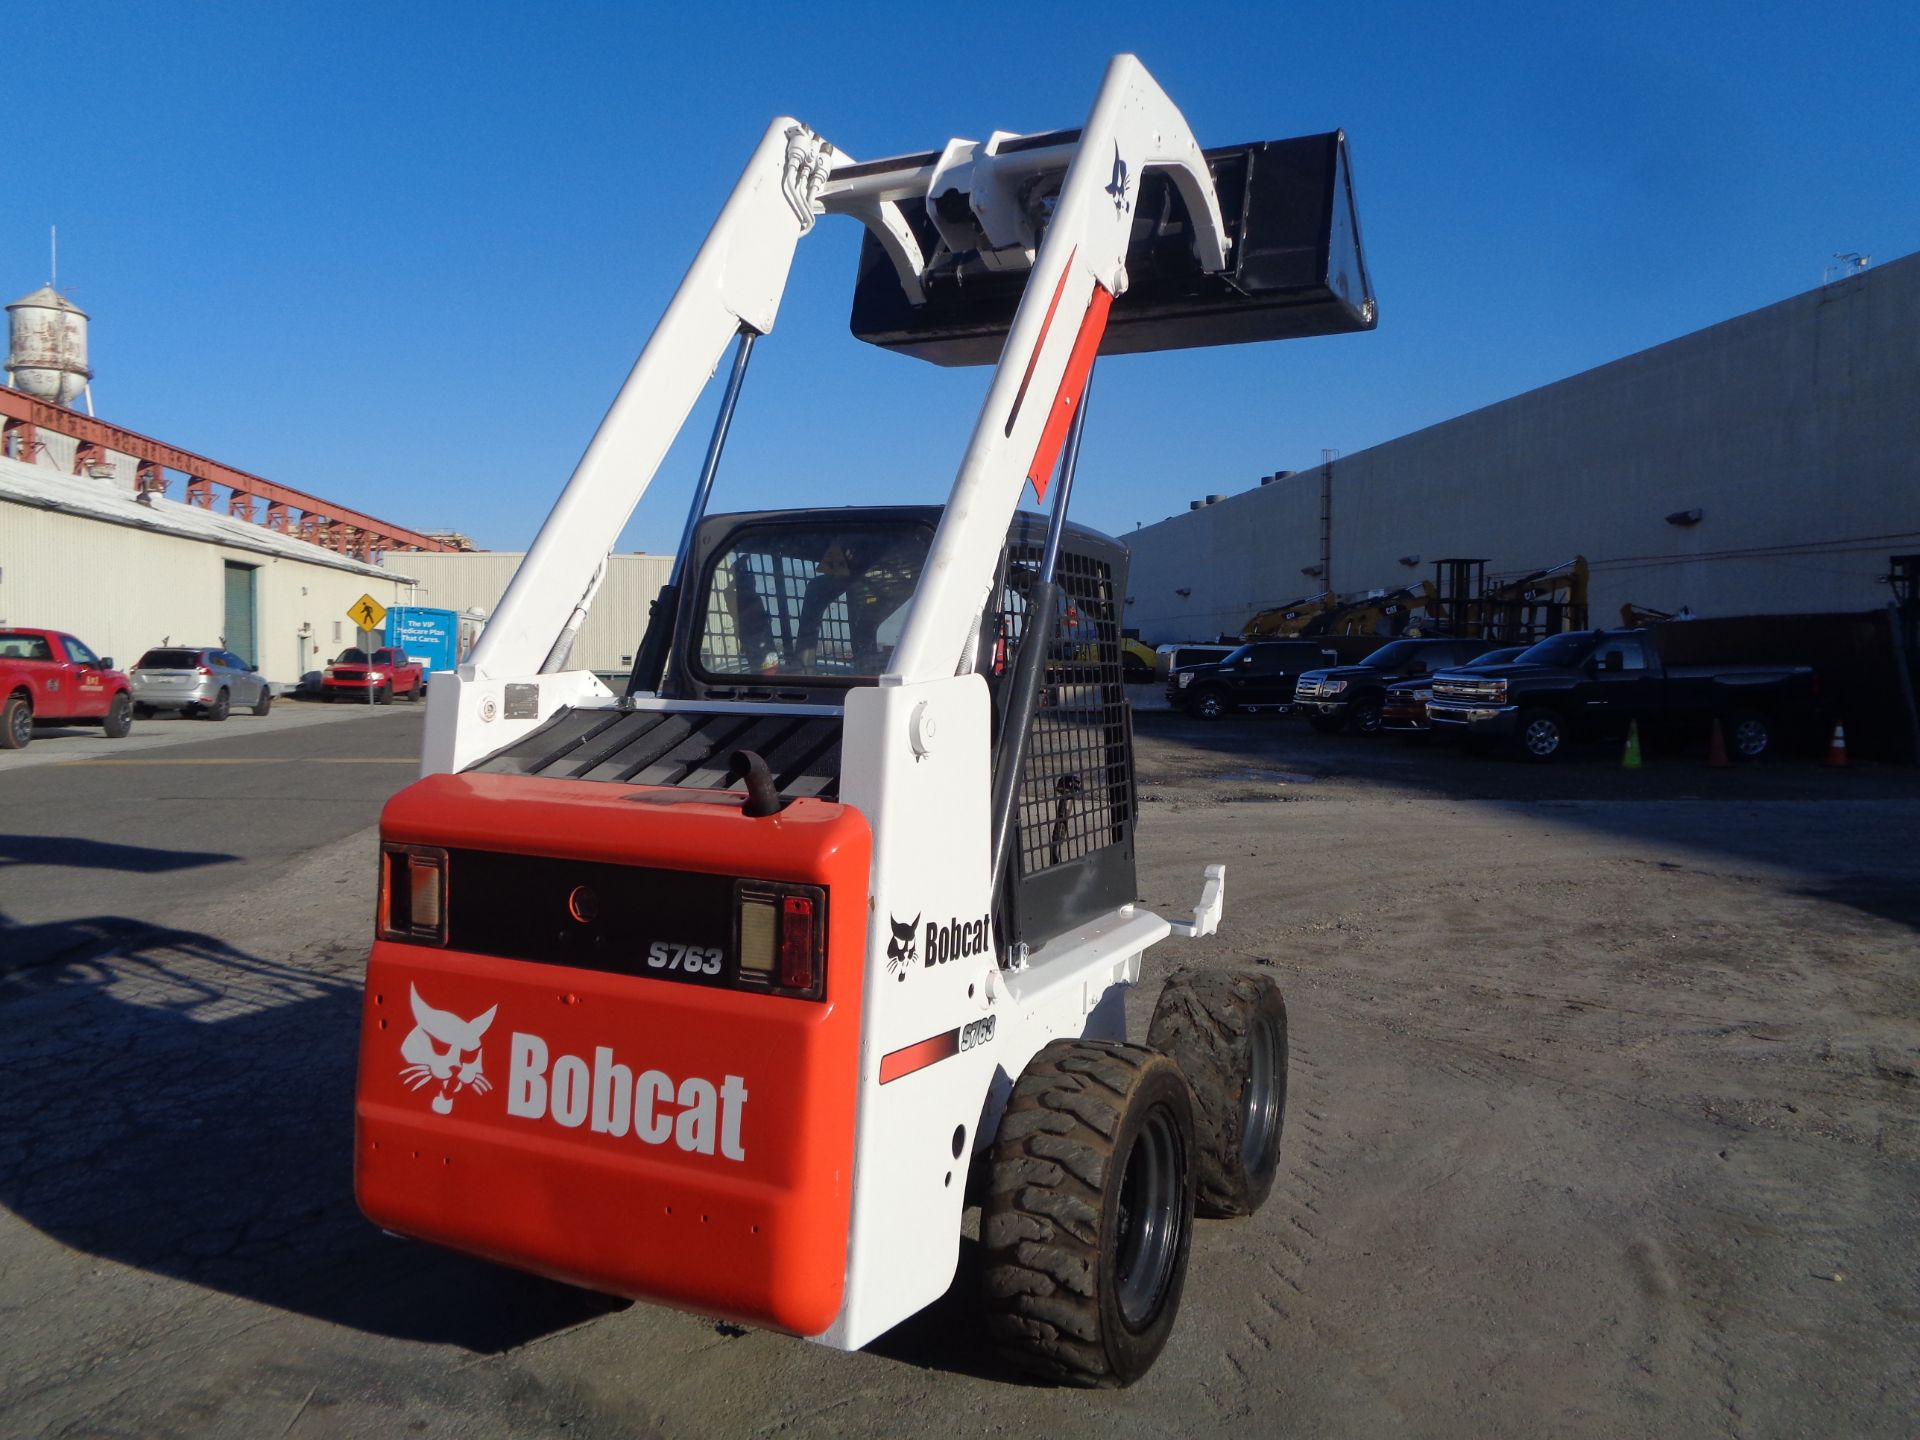 Lot 42 - Bobcat 763 Skid Steer